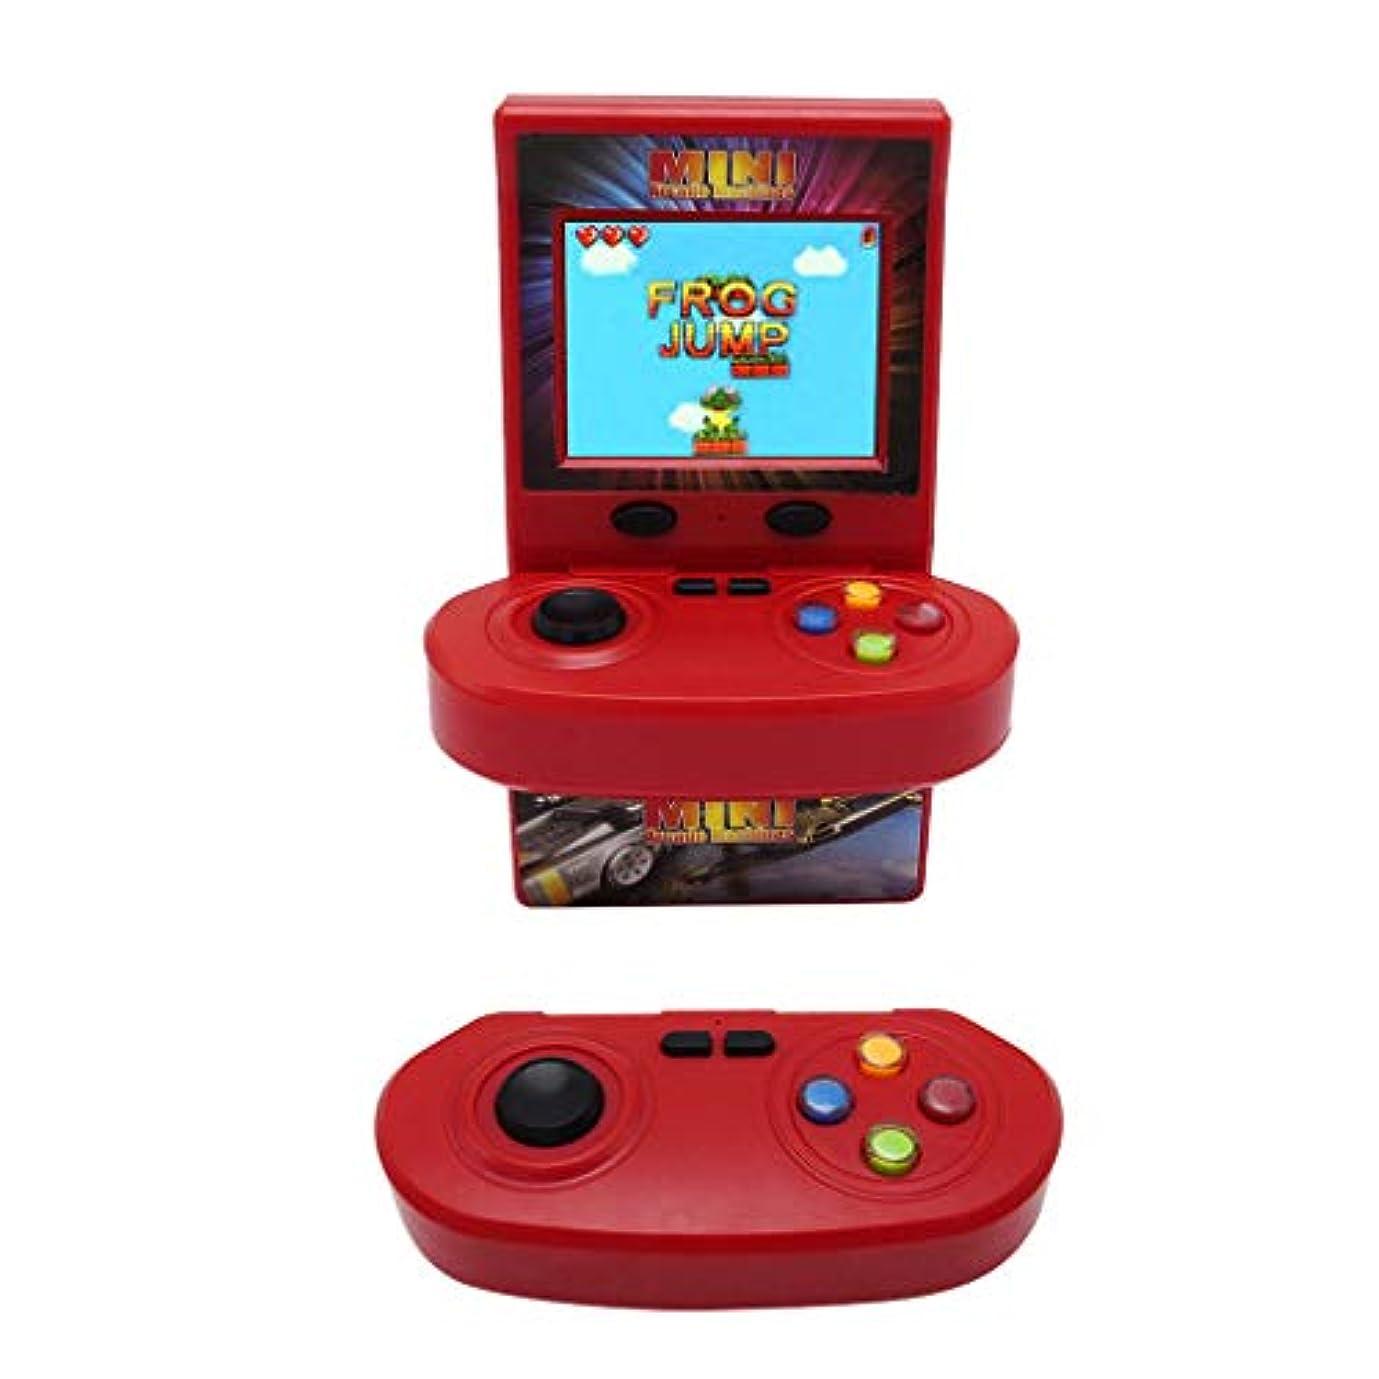 神社戦艦口径ゲームコンソール ダブルワイヤレスジョイスティック アーケードゲーム コンソール ノスタルジック 100ゲーム ゲームプレーヤー ダブルハンドル 携帯ゲーム機huajuan